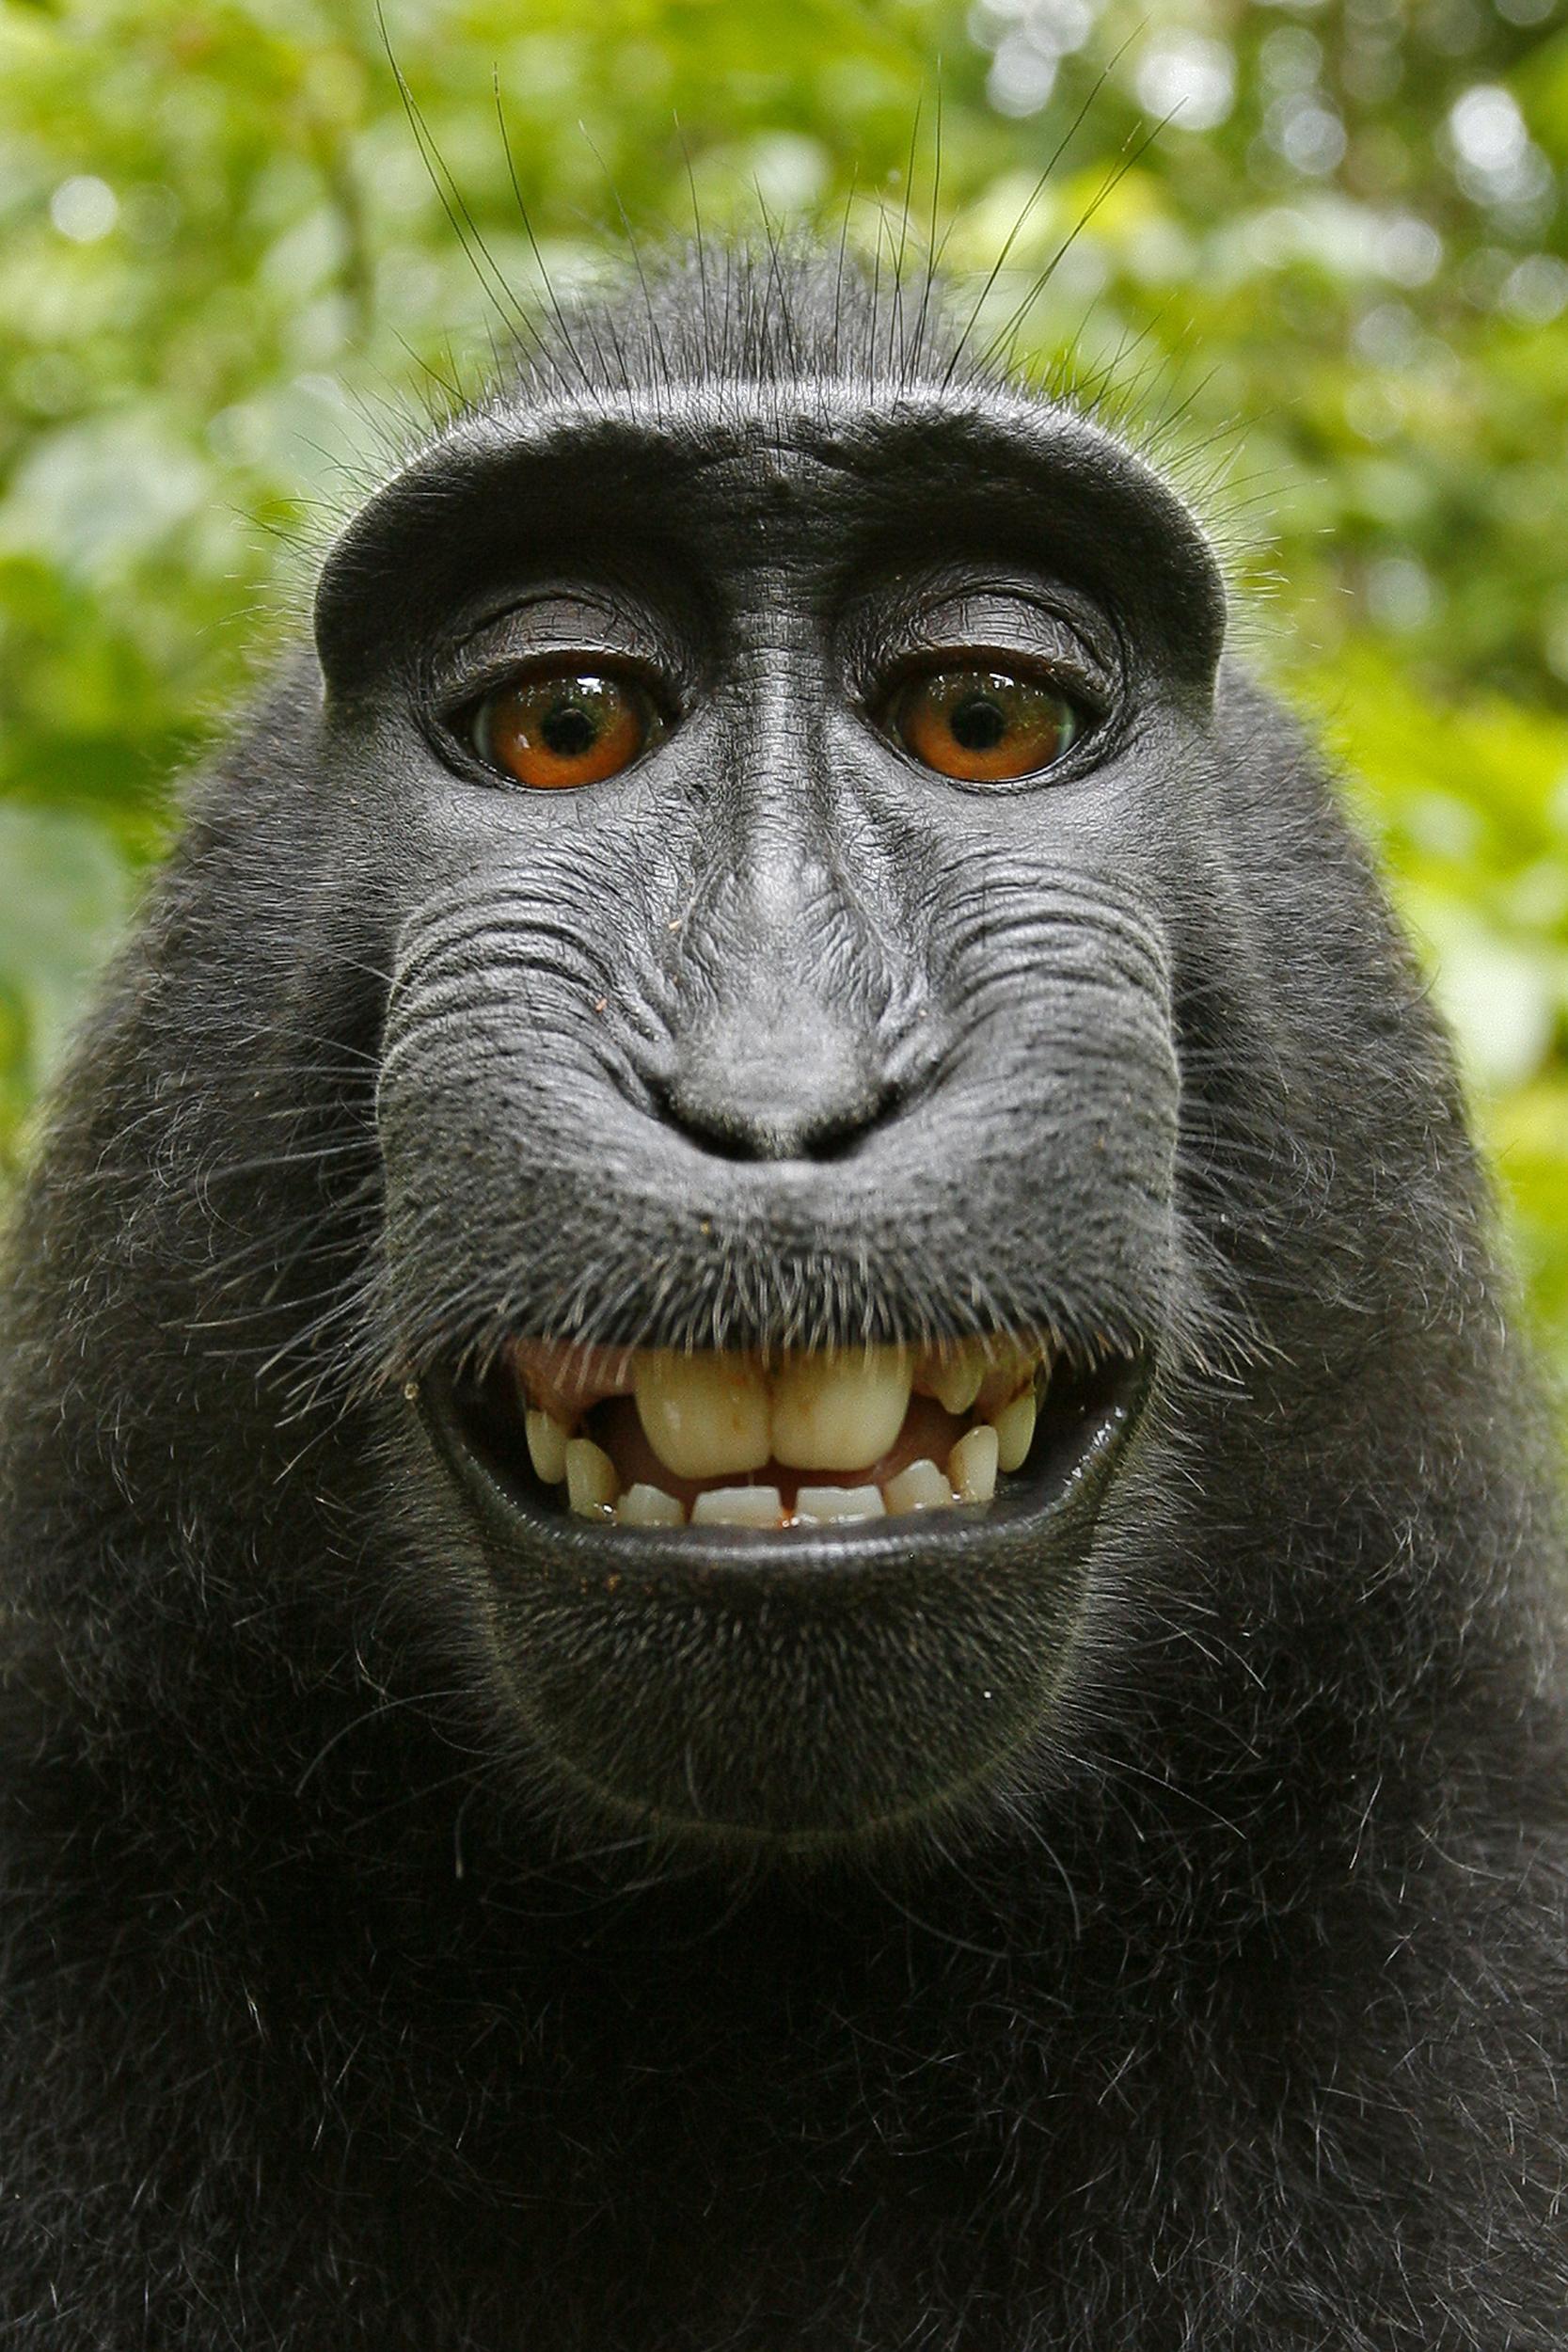 170912 monkey selfie mc 124540de56071dae10c8b141d78d8dc08901g monkey selfie copyright lawsuit settled after deal reached nbc news voltagebd Images